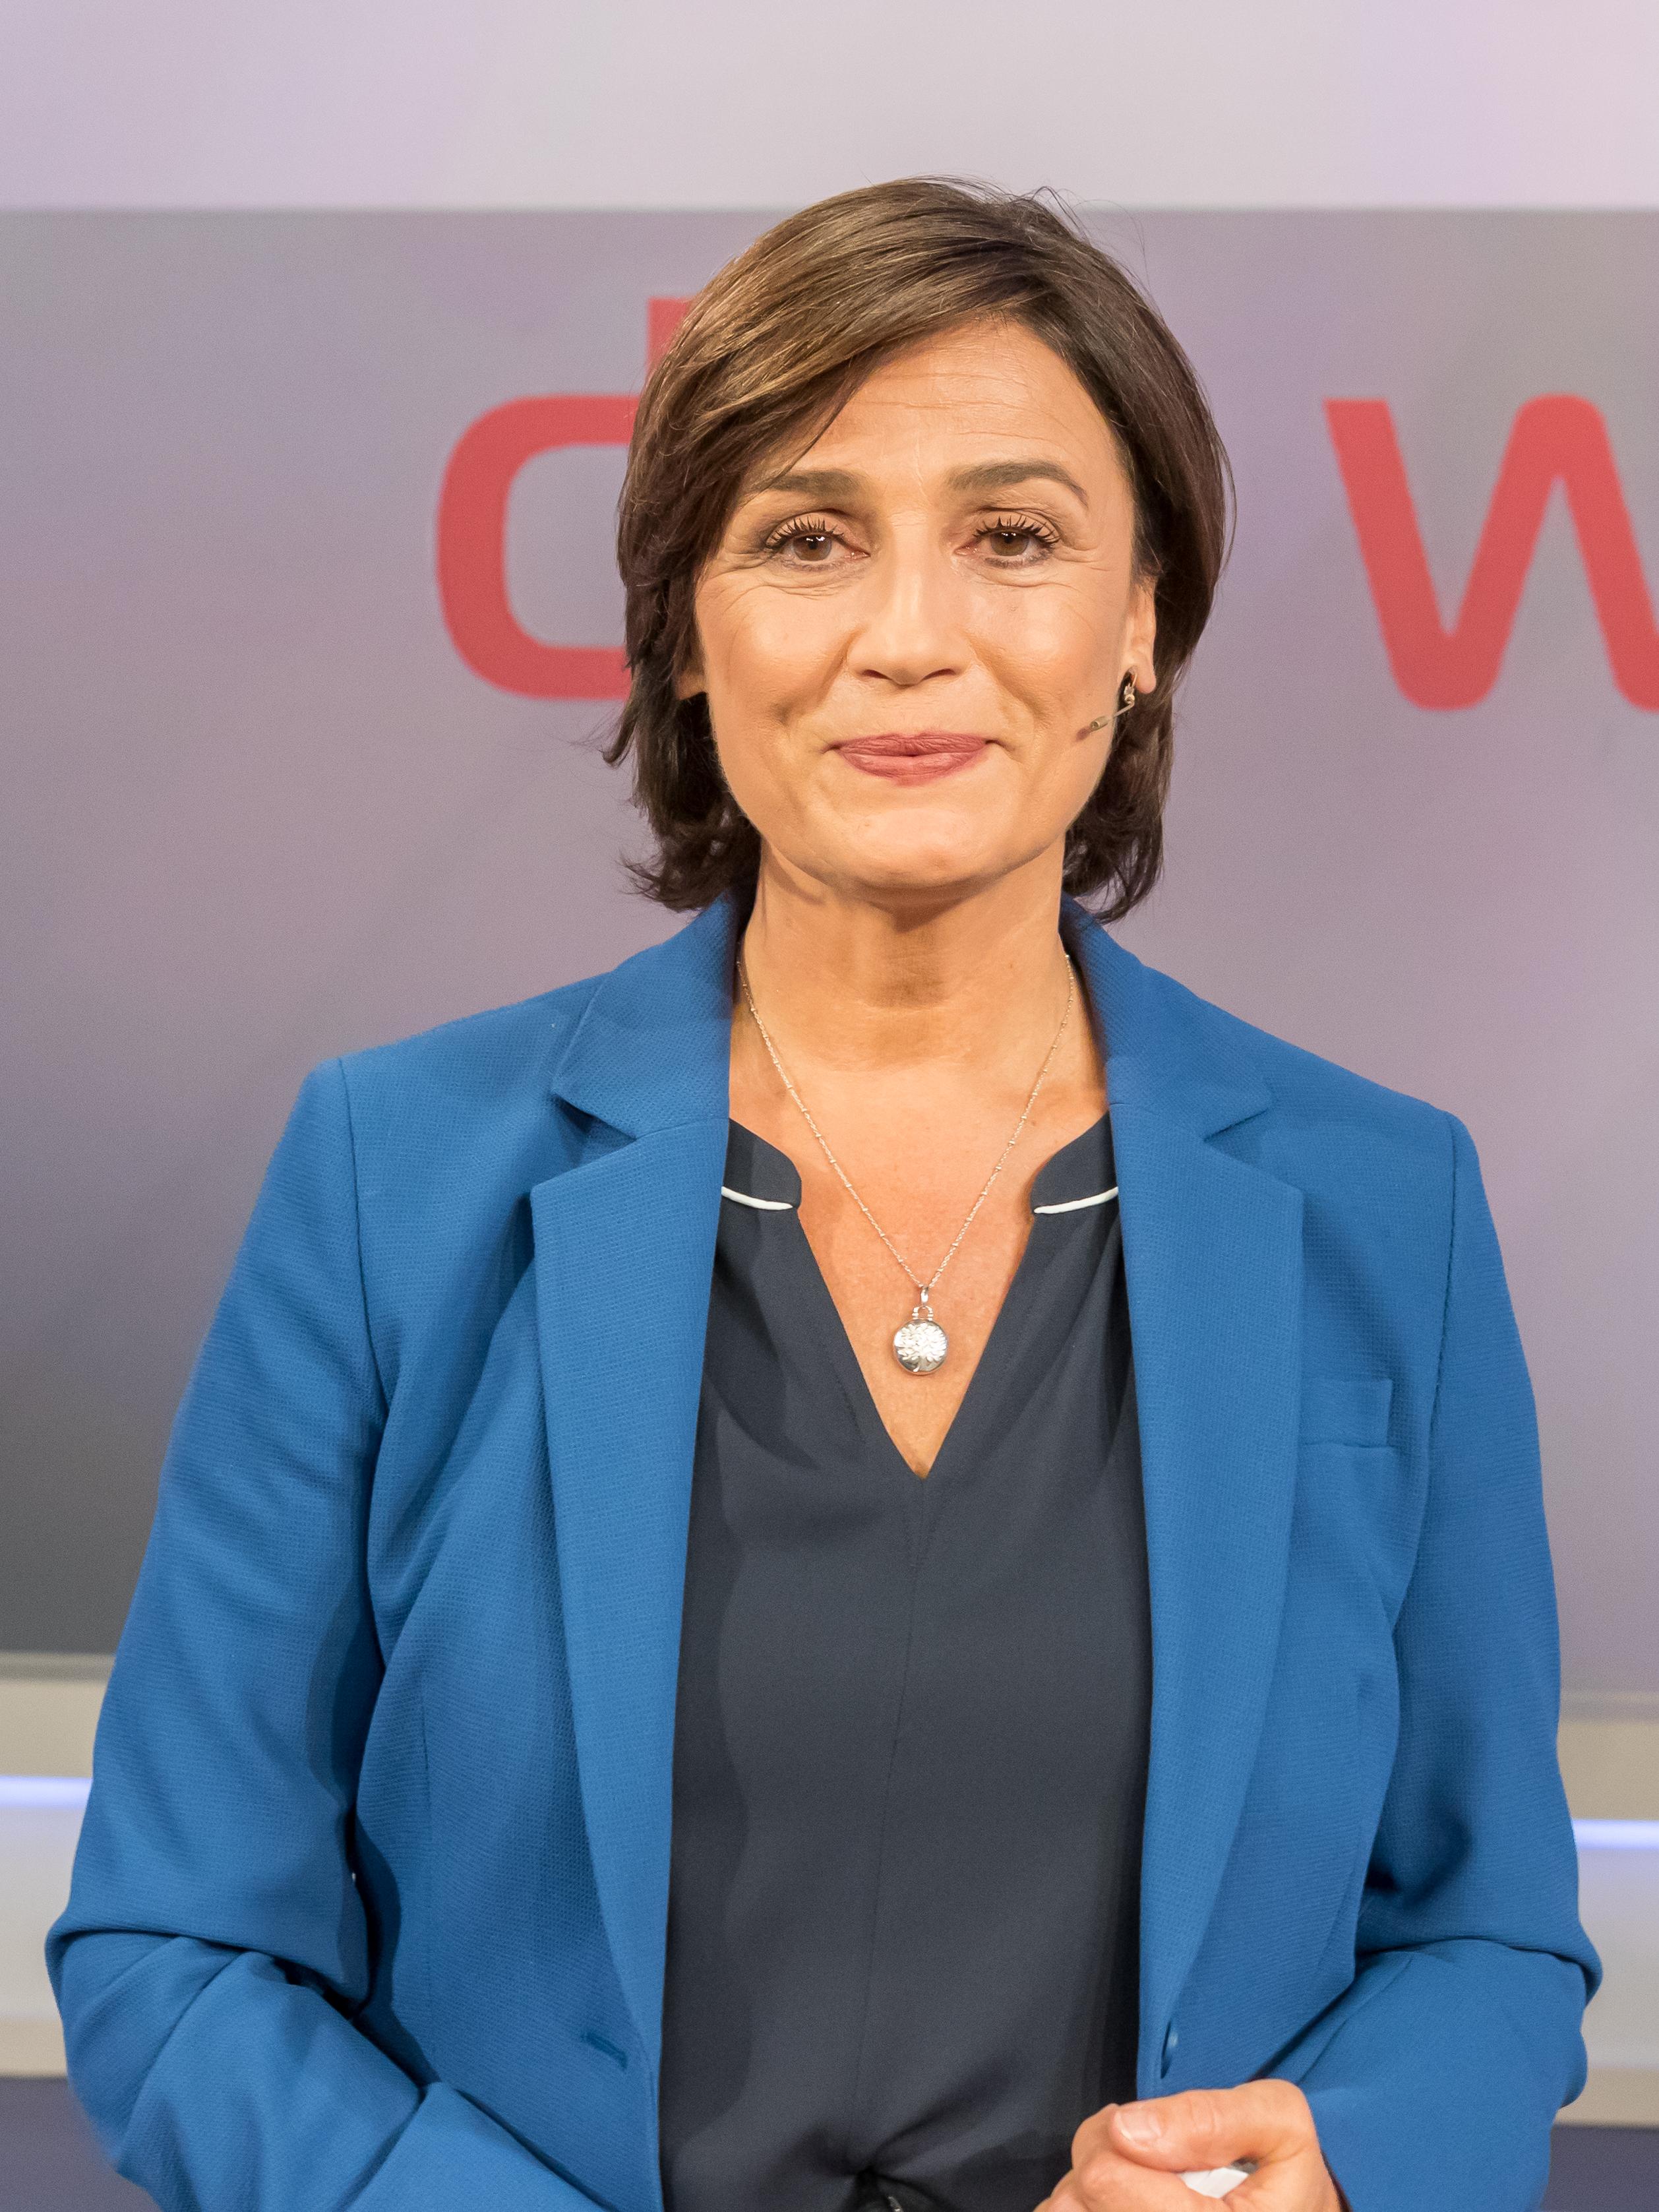 Sandra maischberger nackt bilder